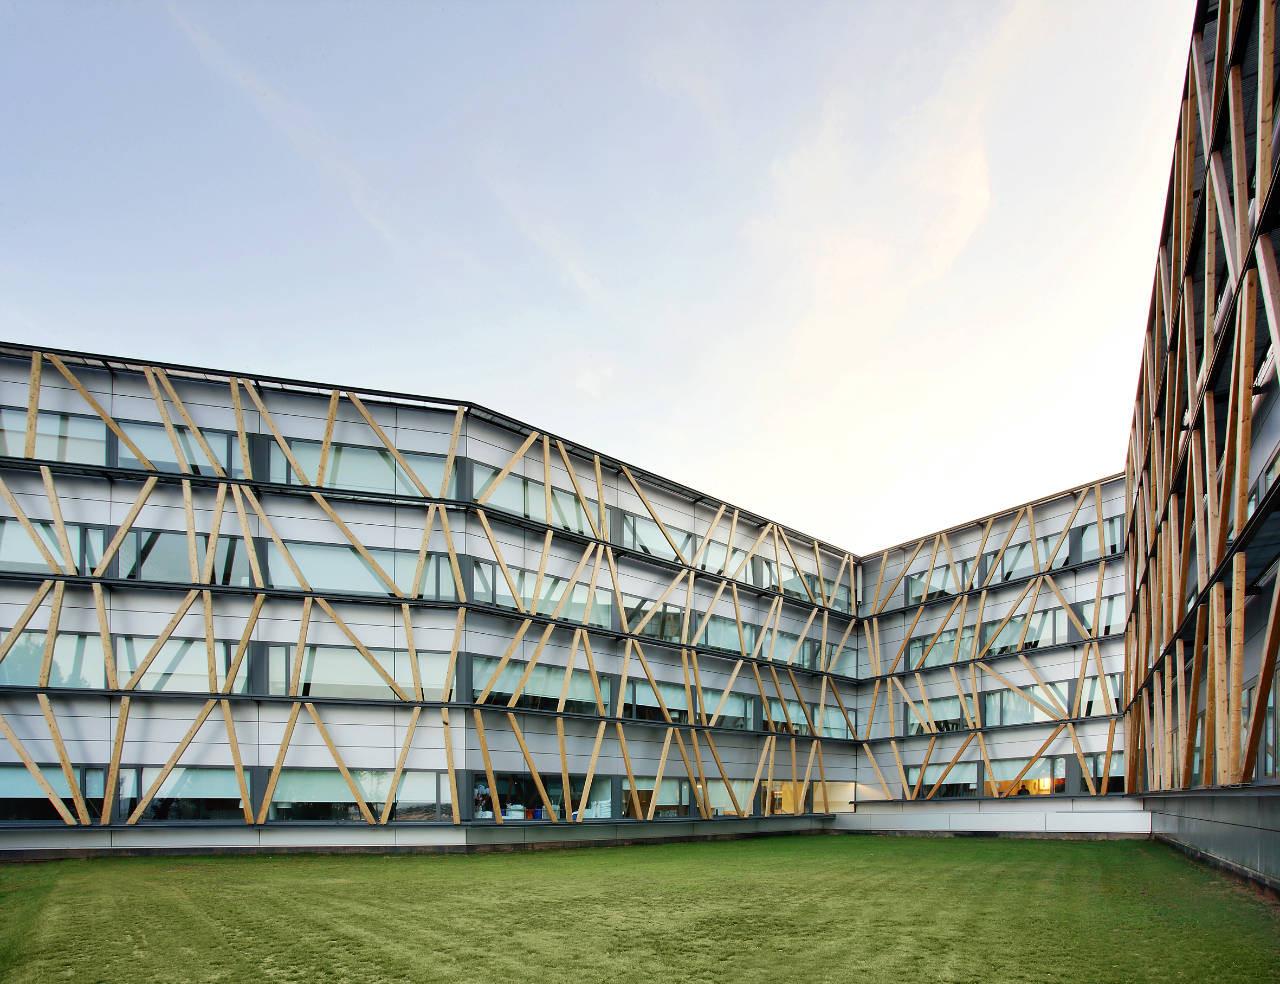 Telefonica Corporate University In Parc de Bell-llo /  Batlle & Roig Architects, © José Hevia